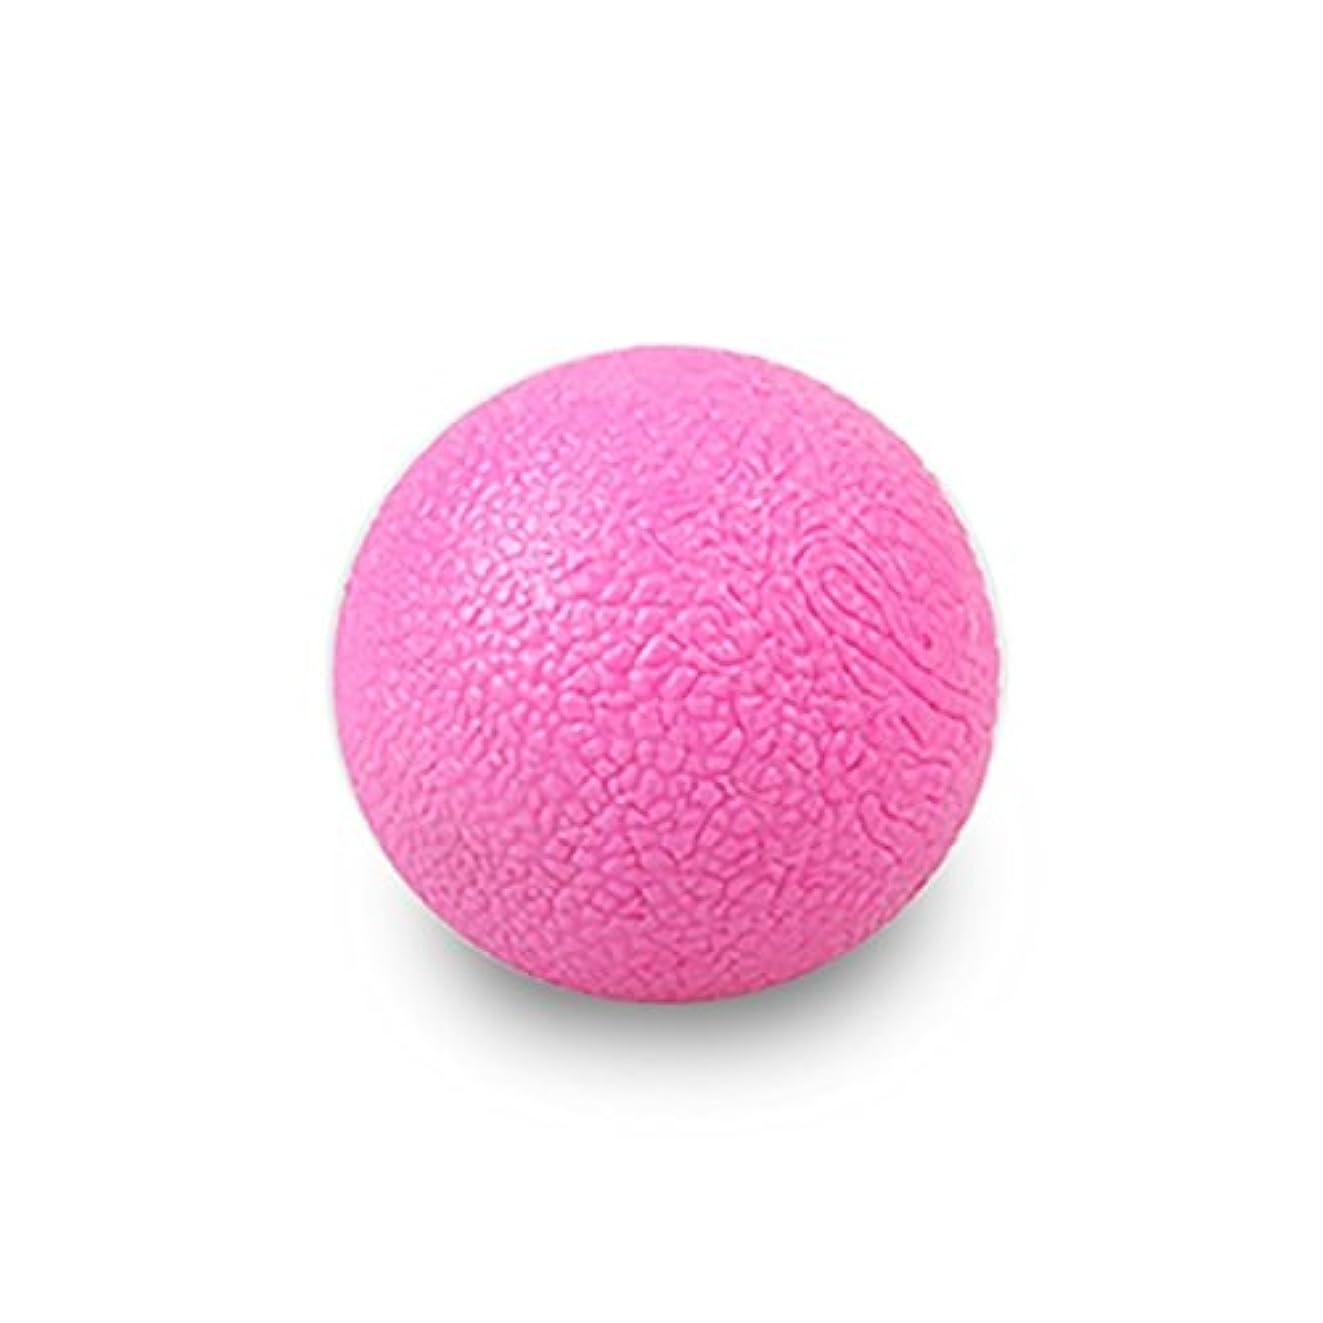 処分したベースレインコートShape Up UPnShape ミニ マッサージ ボール (4.7 インチ)/ストレッチ、ヨガ リハビリテーション腰痛首 (ピンク)